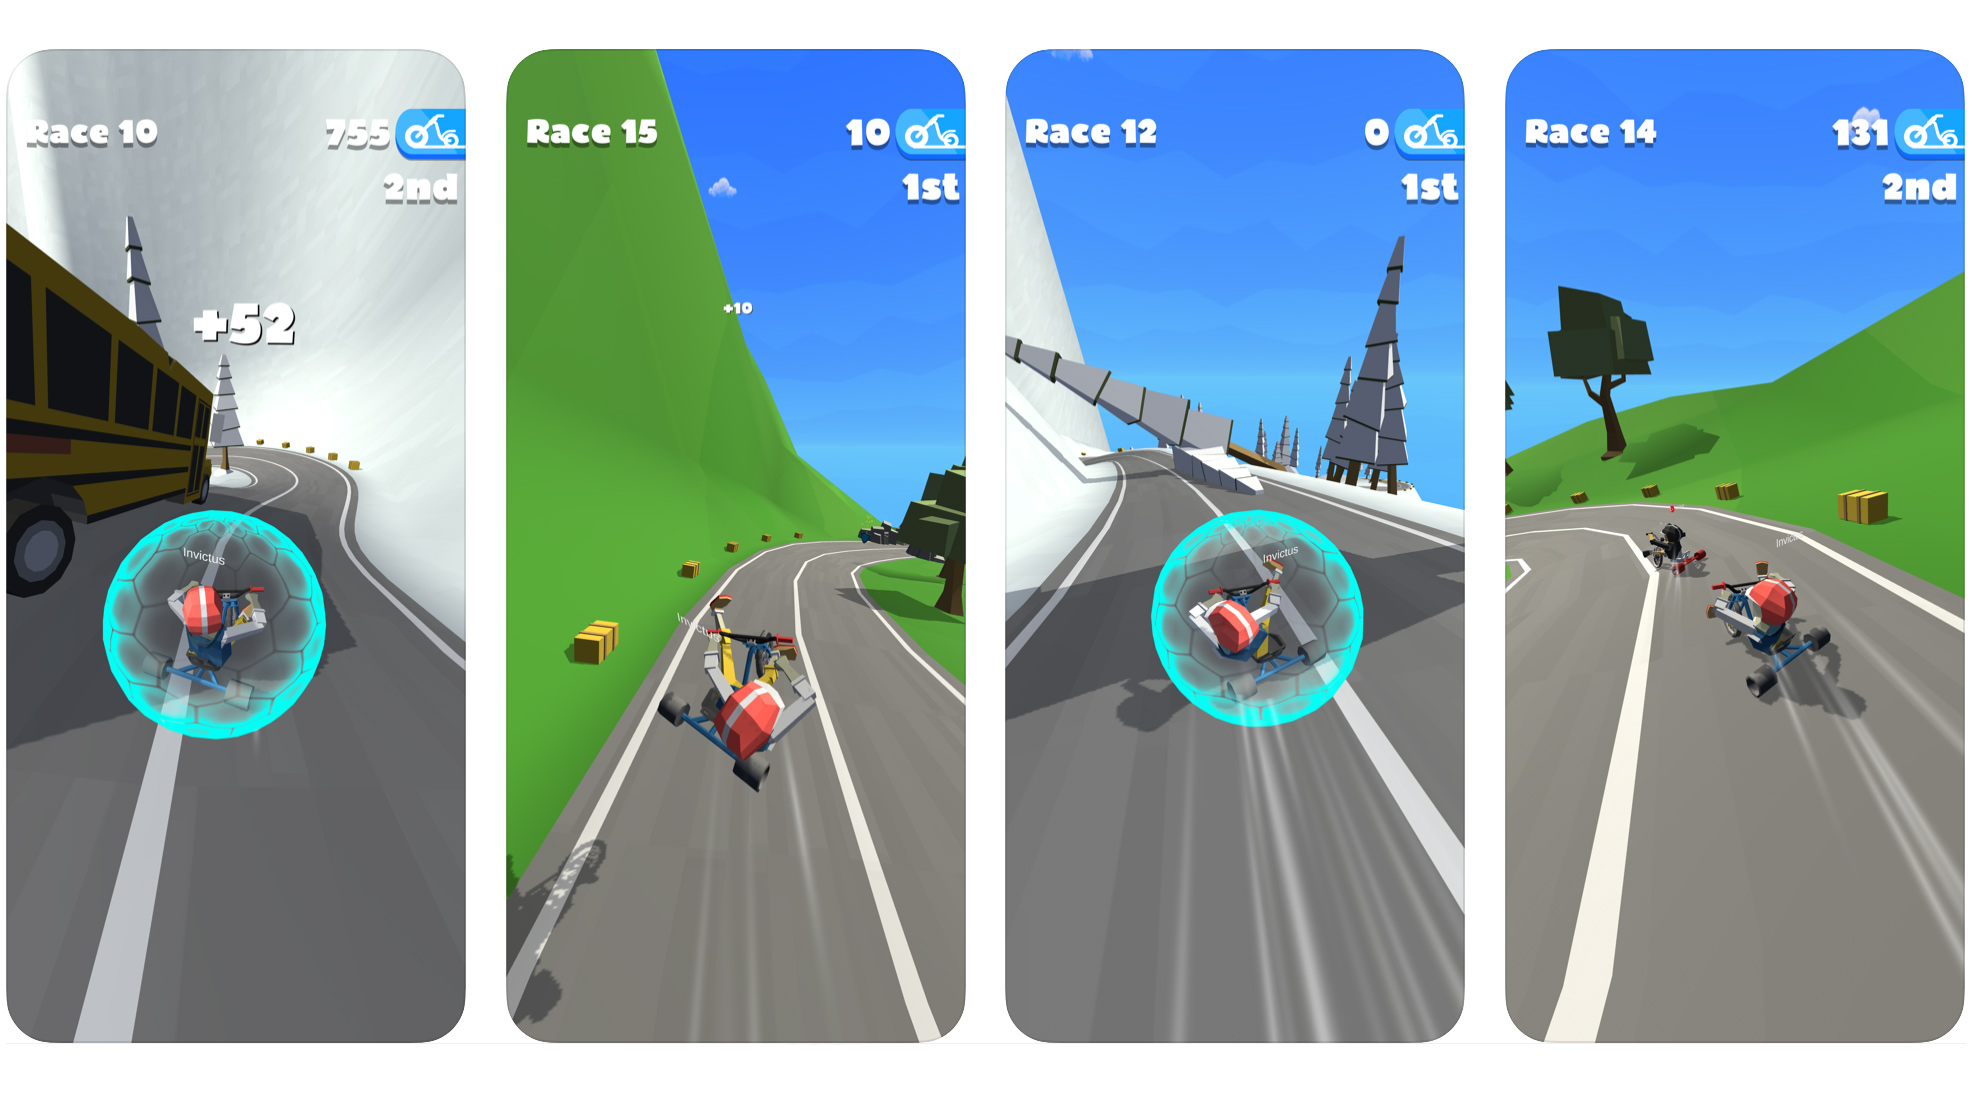 Mobilspelet TrikeDrift släpps i USA av Invictus, ett helägt dotterbolag till Zordix.